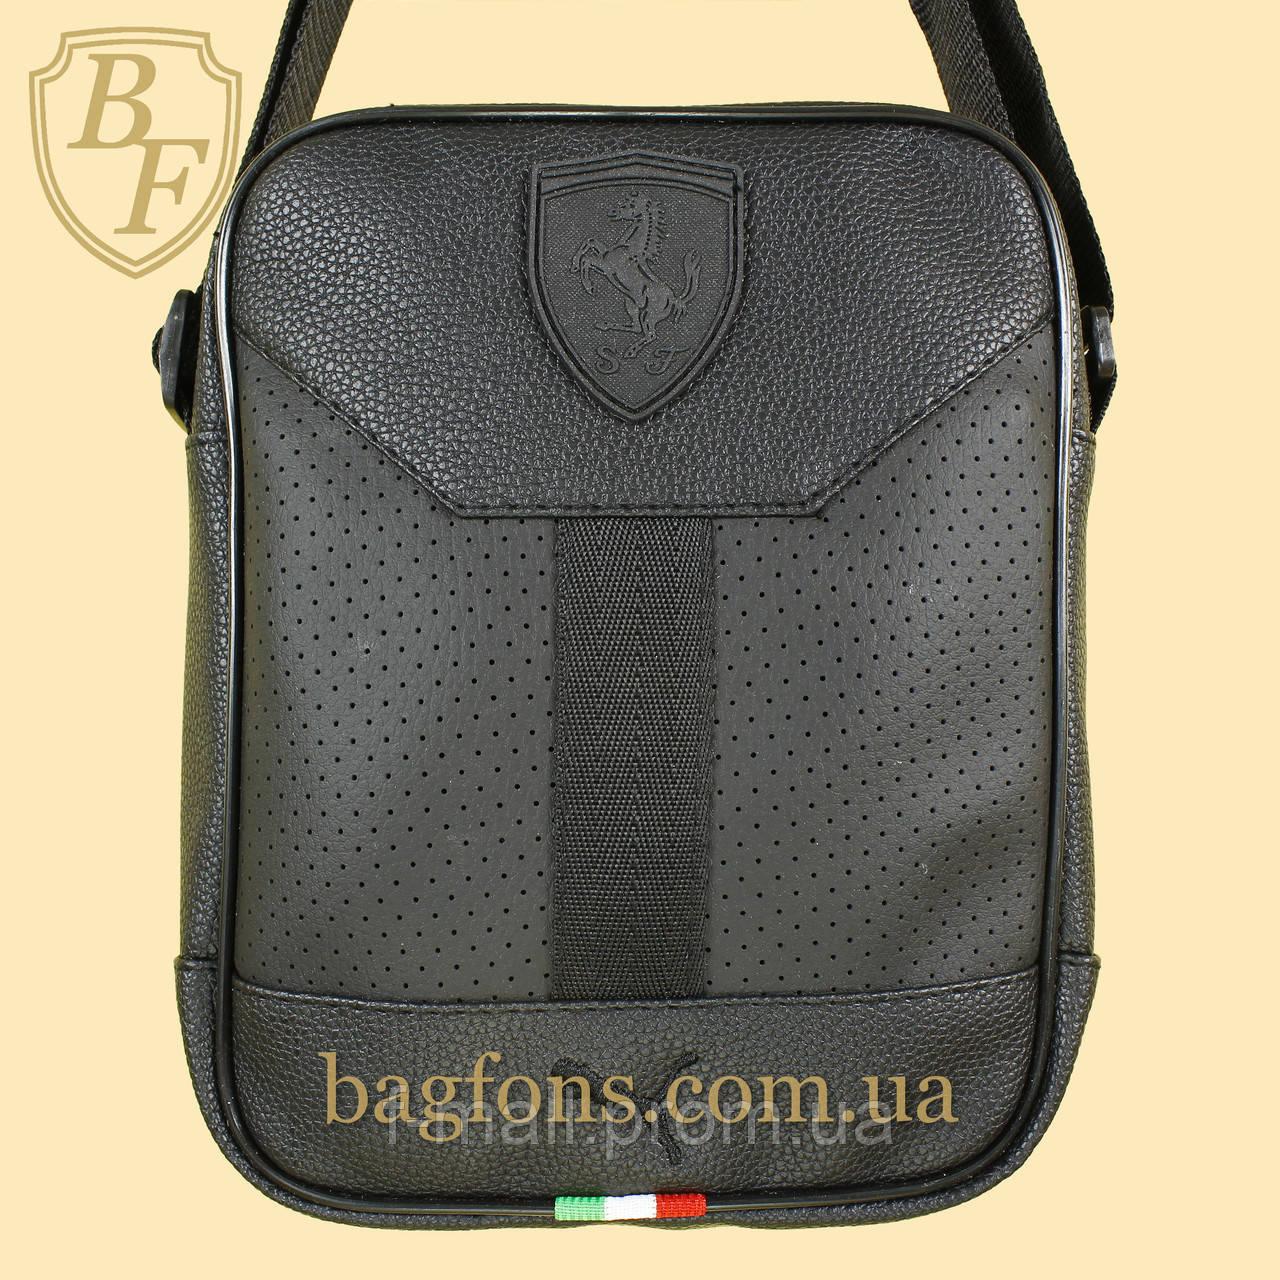 Мужская стильная сумка барсетка через плечо черная эко-кожа Ferrari Puma черный.